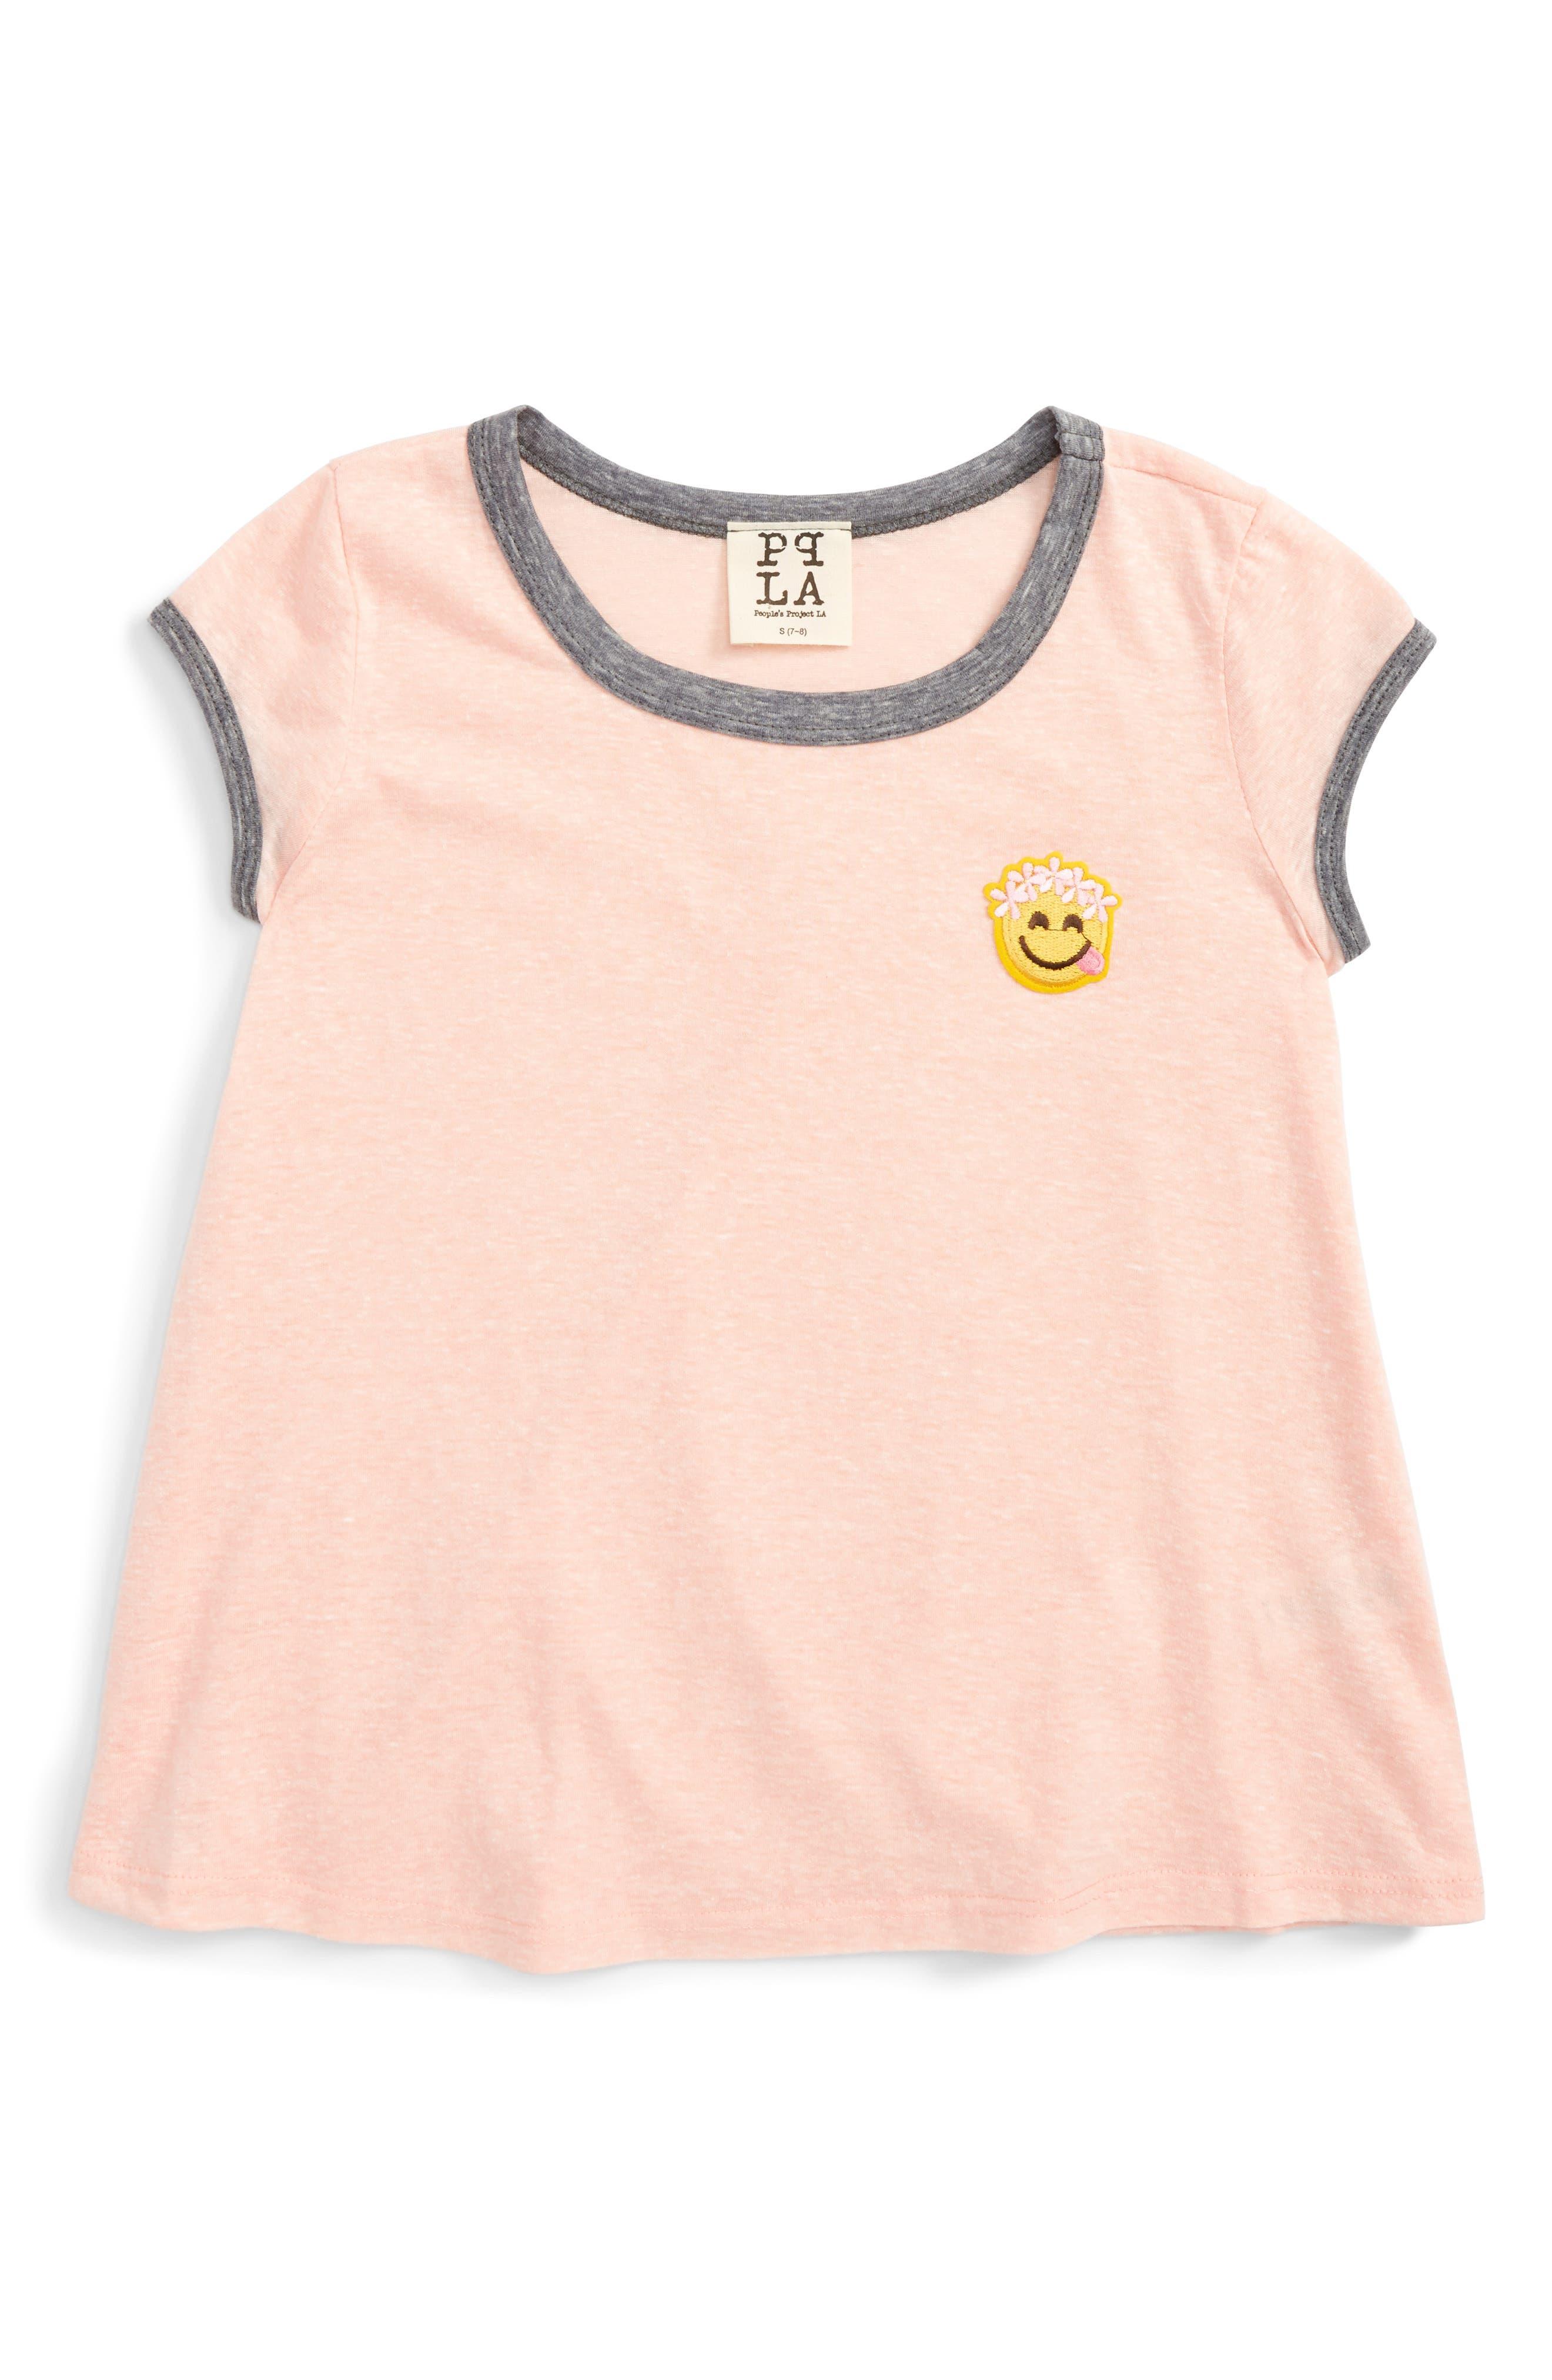 PPLA Smiley Face Appliqué Tee (Big Girls)